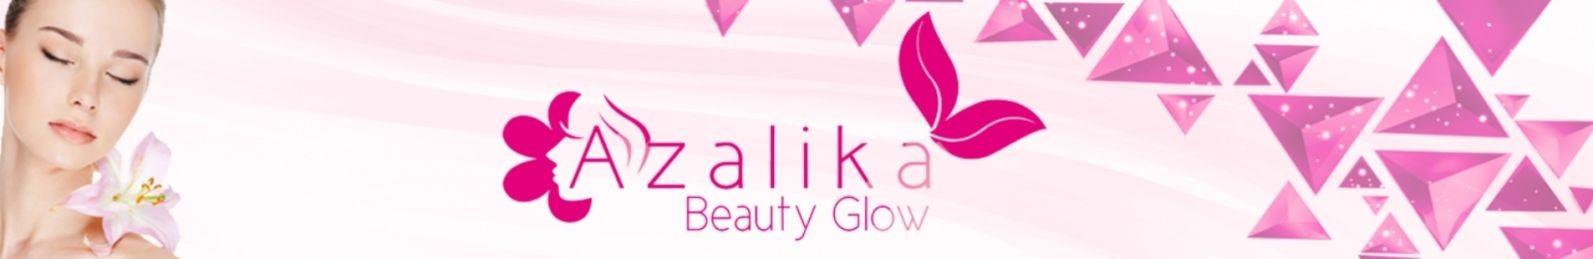 Azalika Beauty Glow